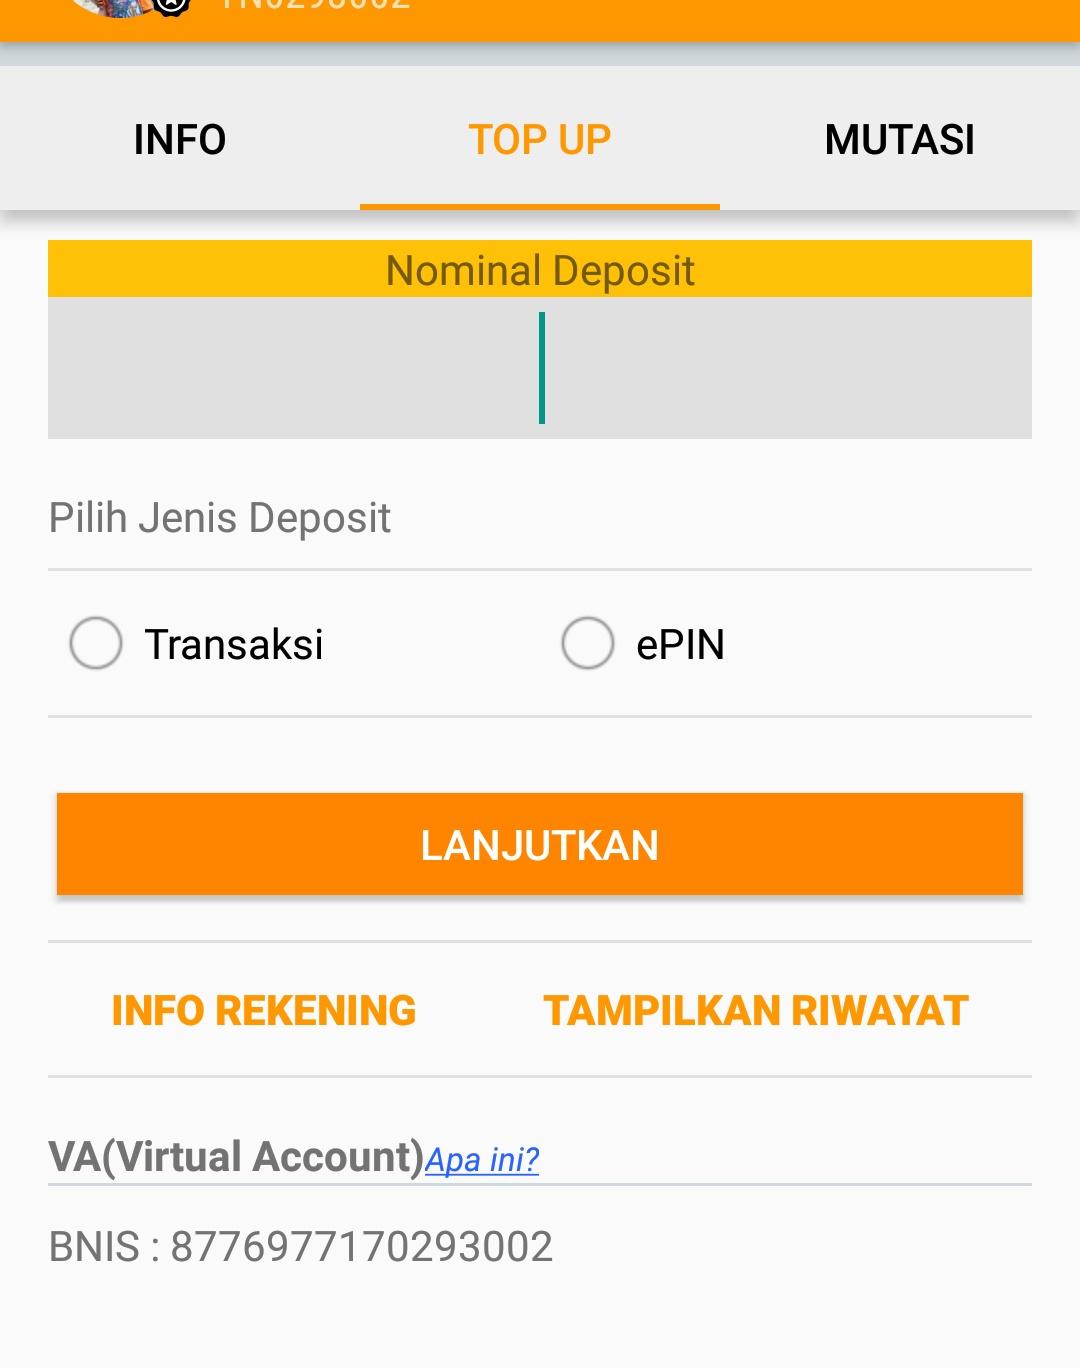 Virtual Account Paytren Terpercaya Aplikasi Pytren Melalui Setelah Nomor Va Didapat Mitra Sudah Bisa Melakukan Top Up Saldo Dengan Cara Transfer Ke Rekening Yang